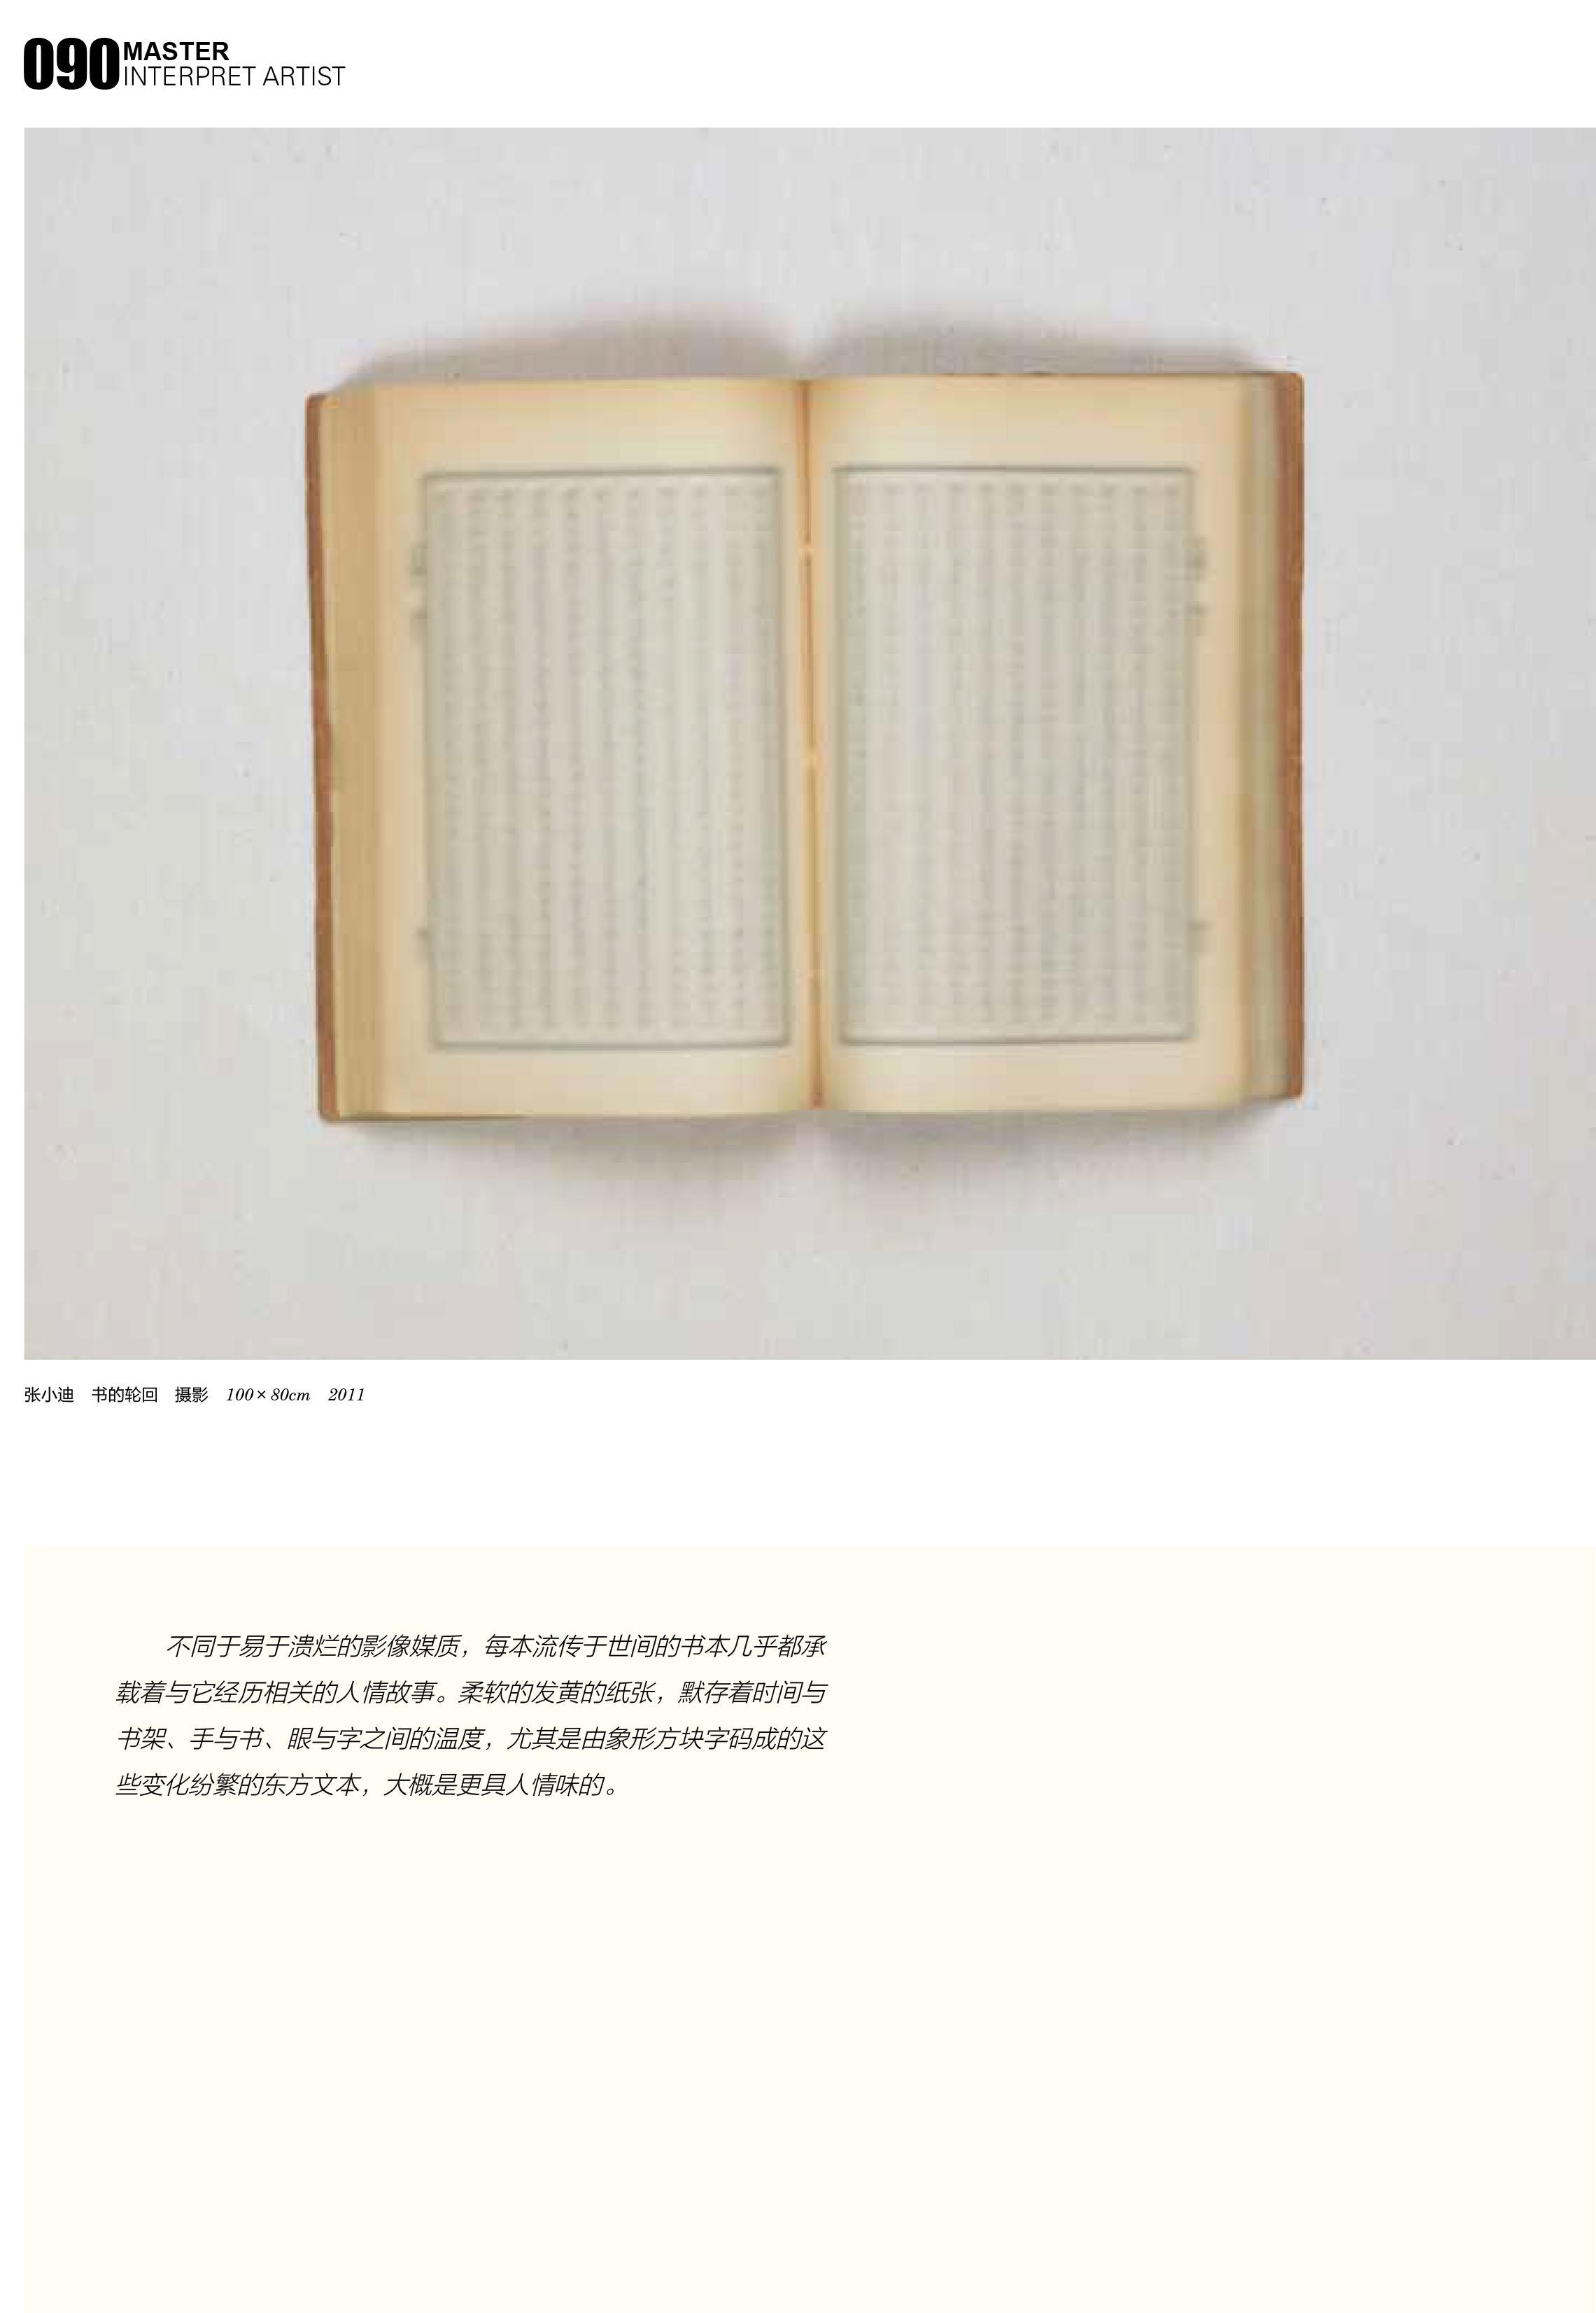 向京-东方艺术大家(张小迪)-11.jpg